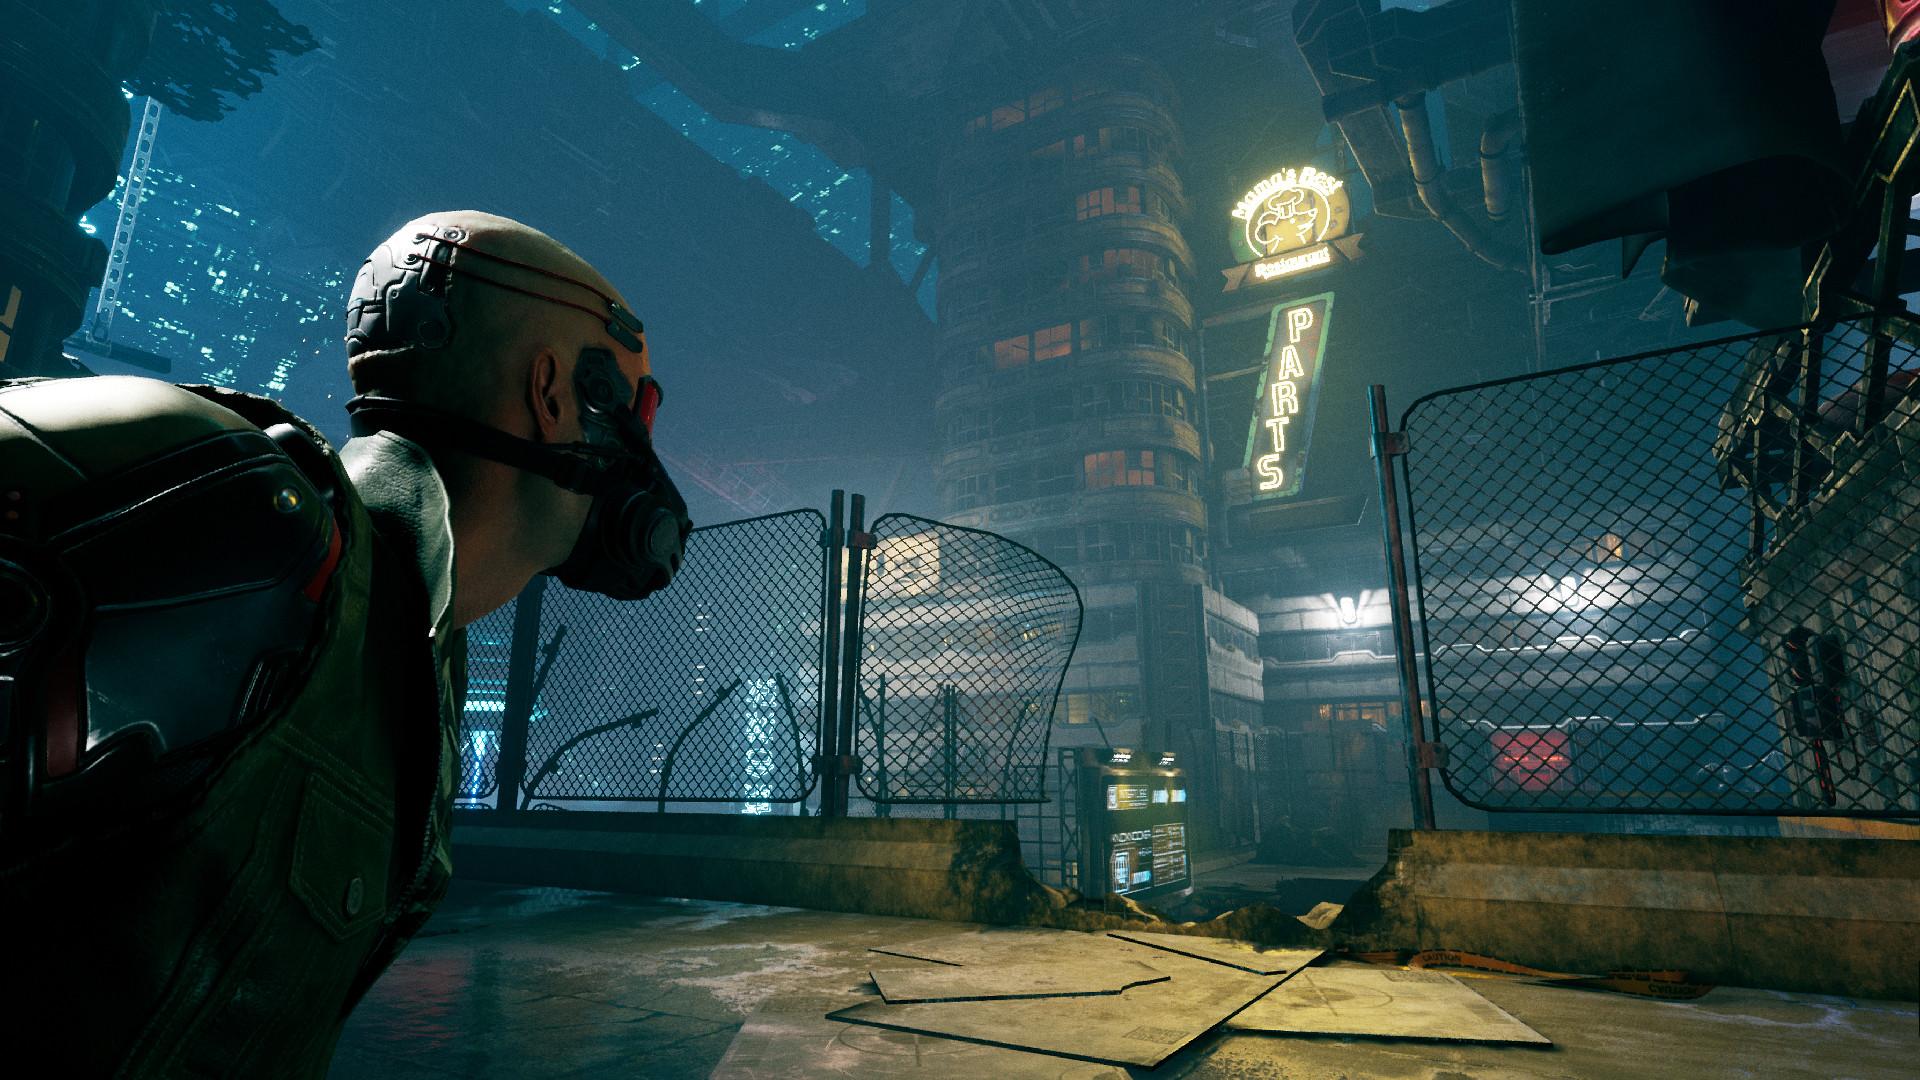 تریلر گیمپلی بازی Ghostrunner منتشر شد